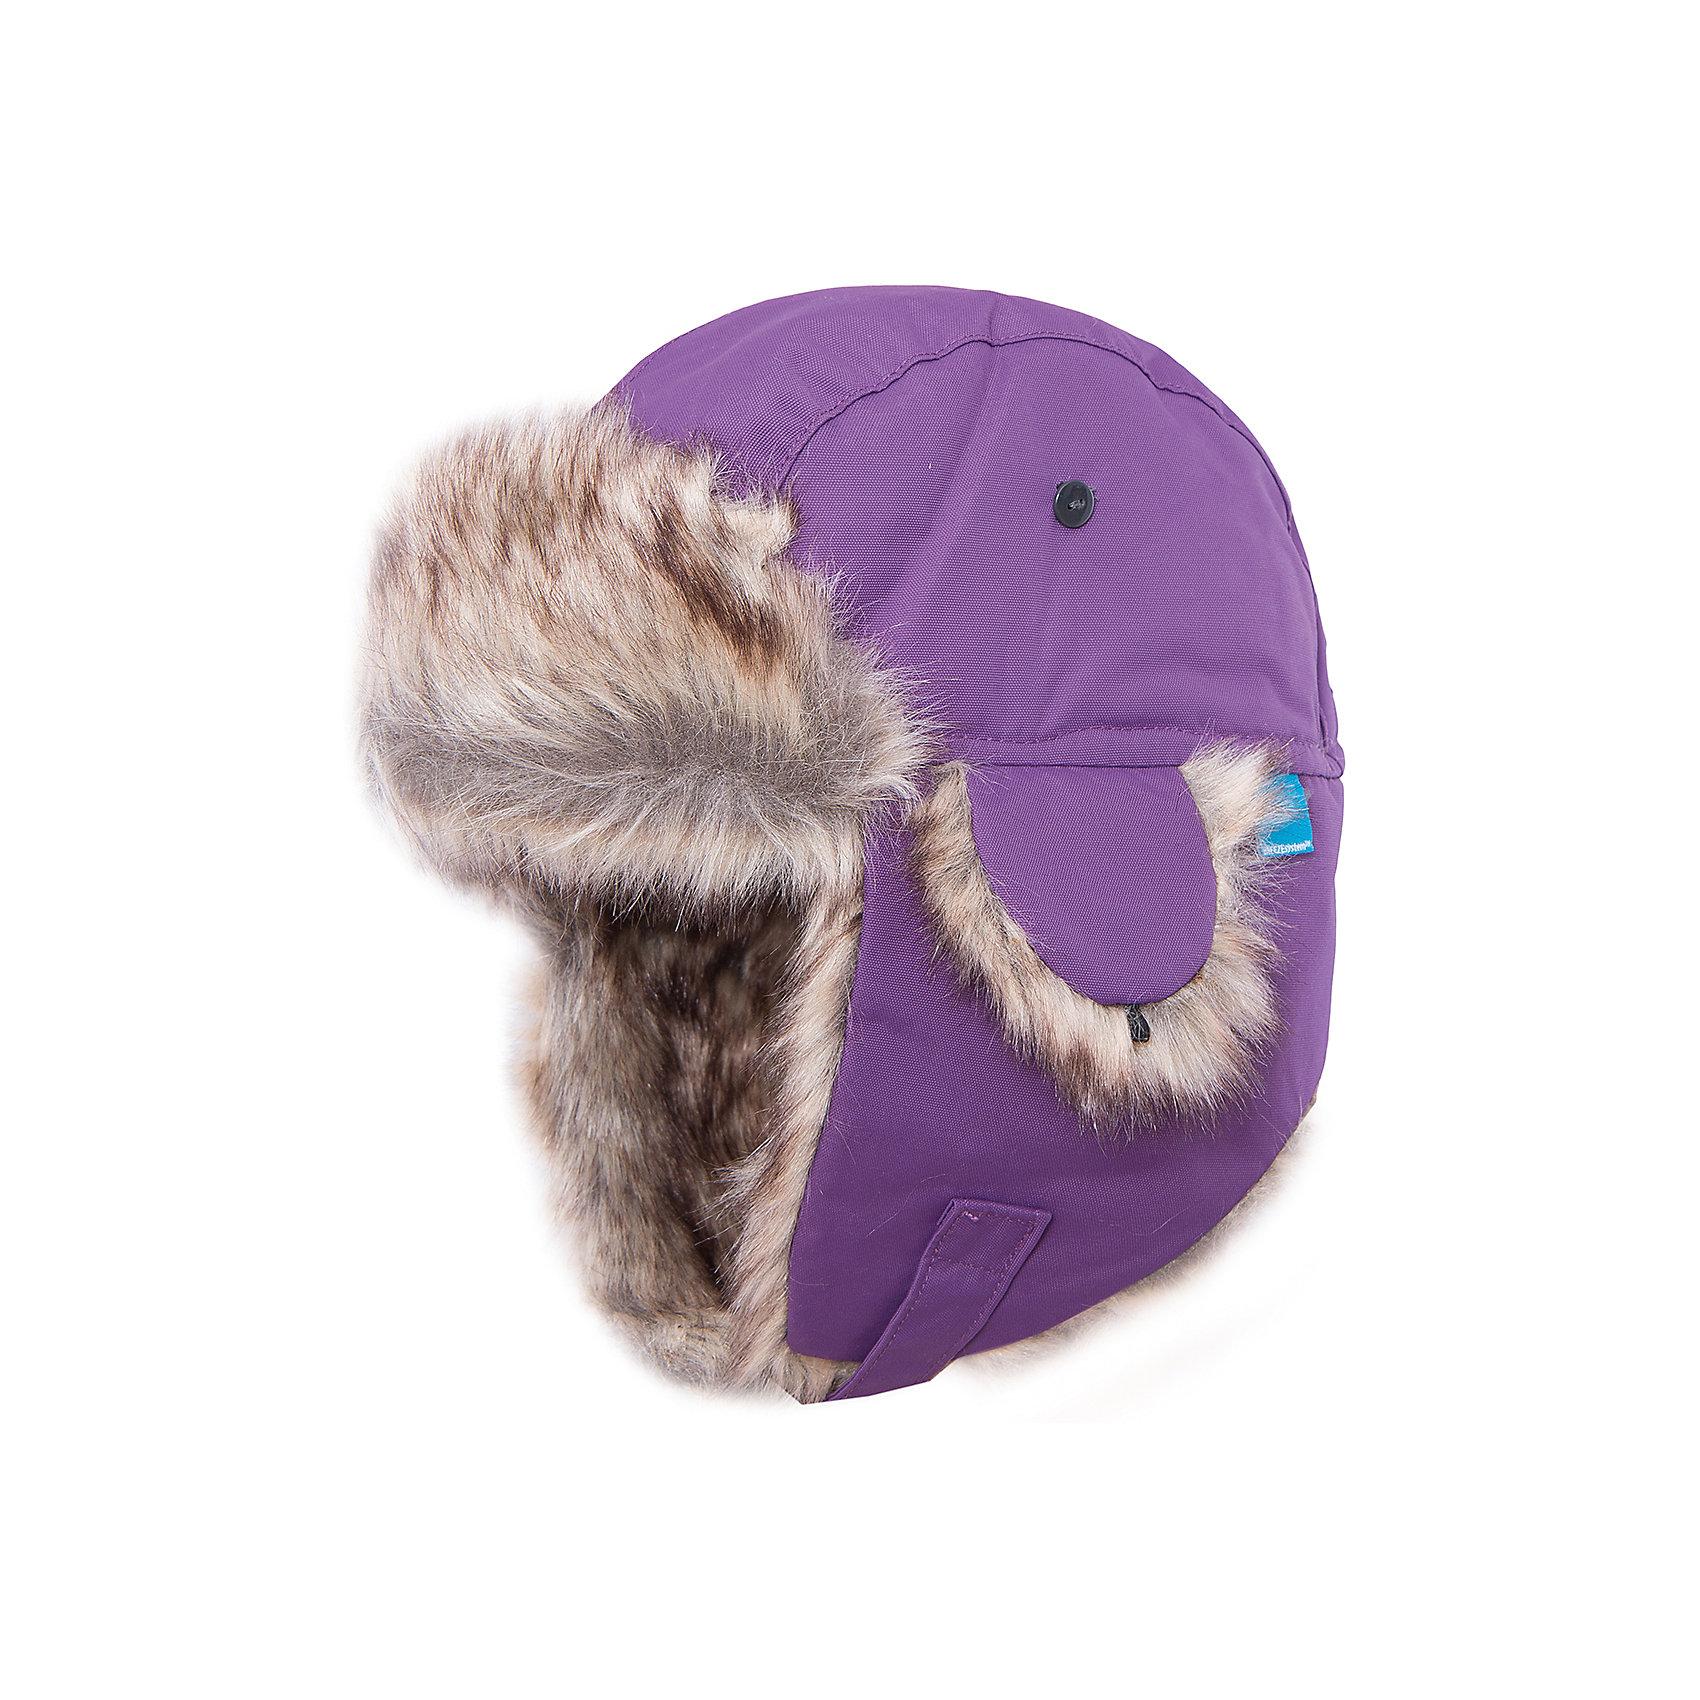 Шапка Helge для девочки DIDRIKSONSХарактеристики товара:<br><br>• цвет: фиолетовый<br>• материал: 100% полиамид, подкладка 100% полиэстер<br>• утеплитель: 60 г/м<br>• сезон: зима<br>• температурный режим от +5° до -20°С<br>• непромокаемая и непродуваемая мембранная ткань<br>• подкладка из искусственного меха<br>• дополнительная пропитка верха<br>• прокленные швы<br>• застежка: липучка<br>• защита ушей от холода<br>• страна бренда: Швеция<br>• страна производства: Китай<br><br>Такие шапки с ушками сейчас на пике молодежной моды! Это не только стильно, но еще и очень комфортно, а также тепло. Эта качественная шапка обеспечит ребенку удобство при прогулках и активном отдыхе зимой. Такая модель от шведского производителя отлично смотрится с разной верхней одеждой.<br>Шапка сшита из мембранной ткани, которая позволяет телу дышать, но при этом не промокает и не продувается. Очень стильная и удобная модель! Изделие качественно выполнено, сделано из безопасных для детей материалов. <br><br>Шапку для девочки от бренда DIDRIKSONS можно купить в нашем интернет-магазине.<br><br>Ширина мм: 89<br>Глубина мм: 117<br>Высота мм: 44<br>Вес г: 155<br>Цвет: фиолетовый<br>Возраст от месяцев: 96<br>Возраст до месяцев: 120<br>Пол: Женский<br>Возраст: Детский<br>Размер: 52,54,56<br>SKU: 5003817